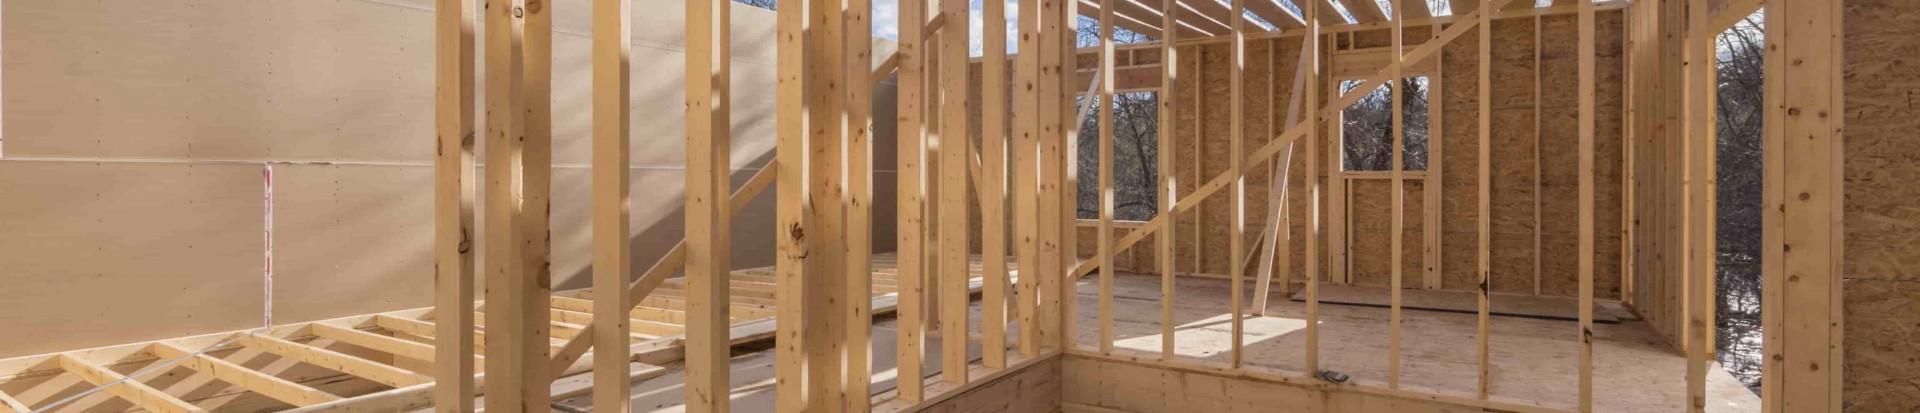 Jak powstają prefabrykowane domy szkieletowe?